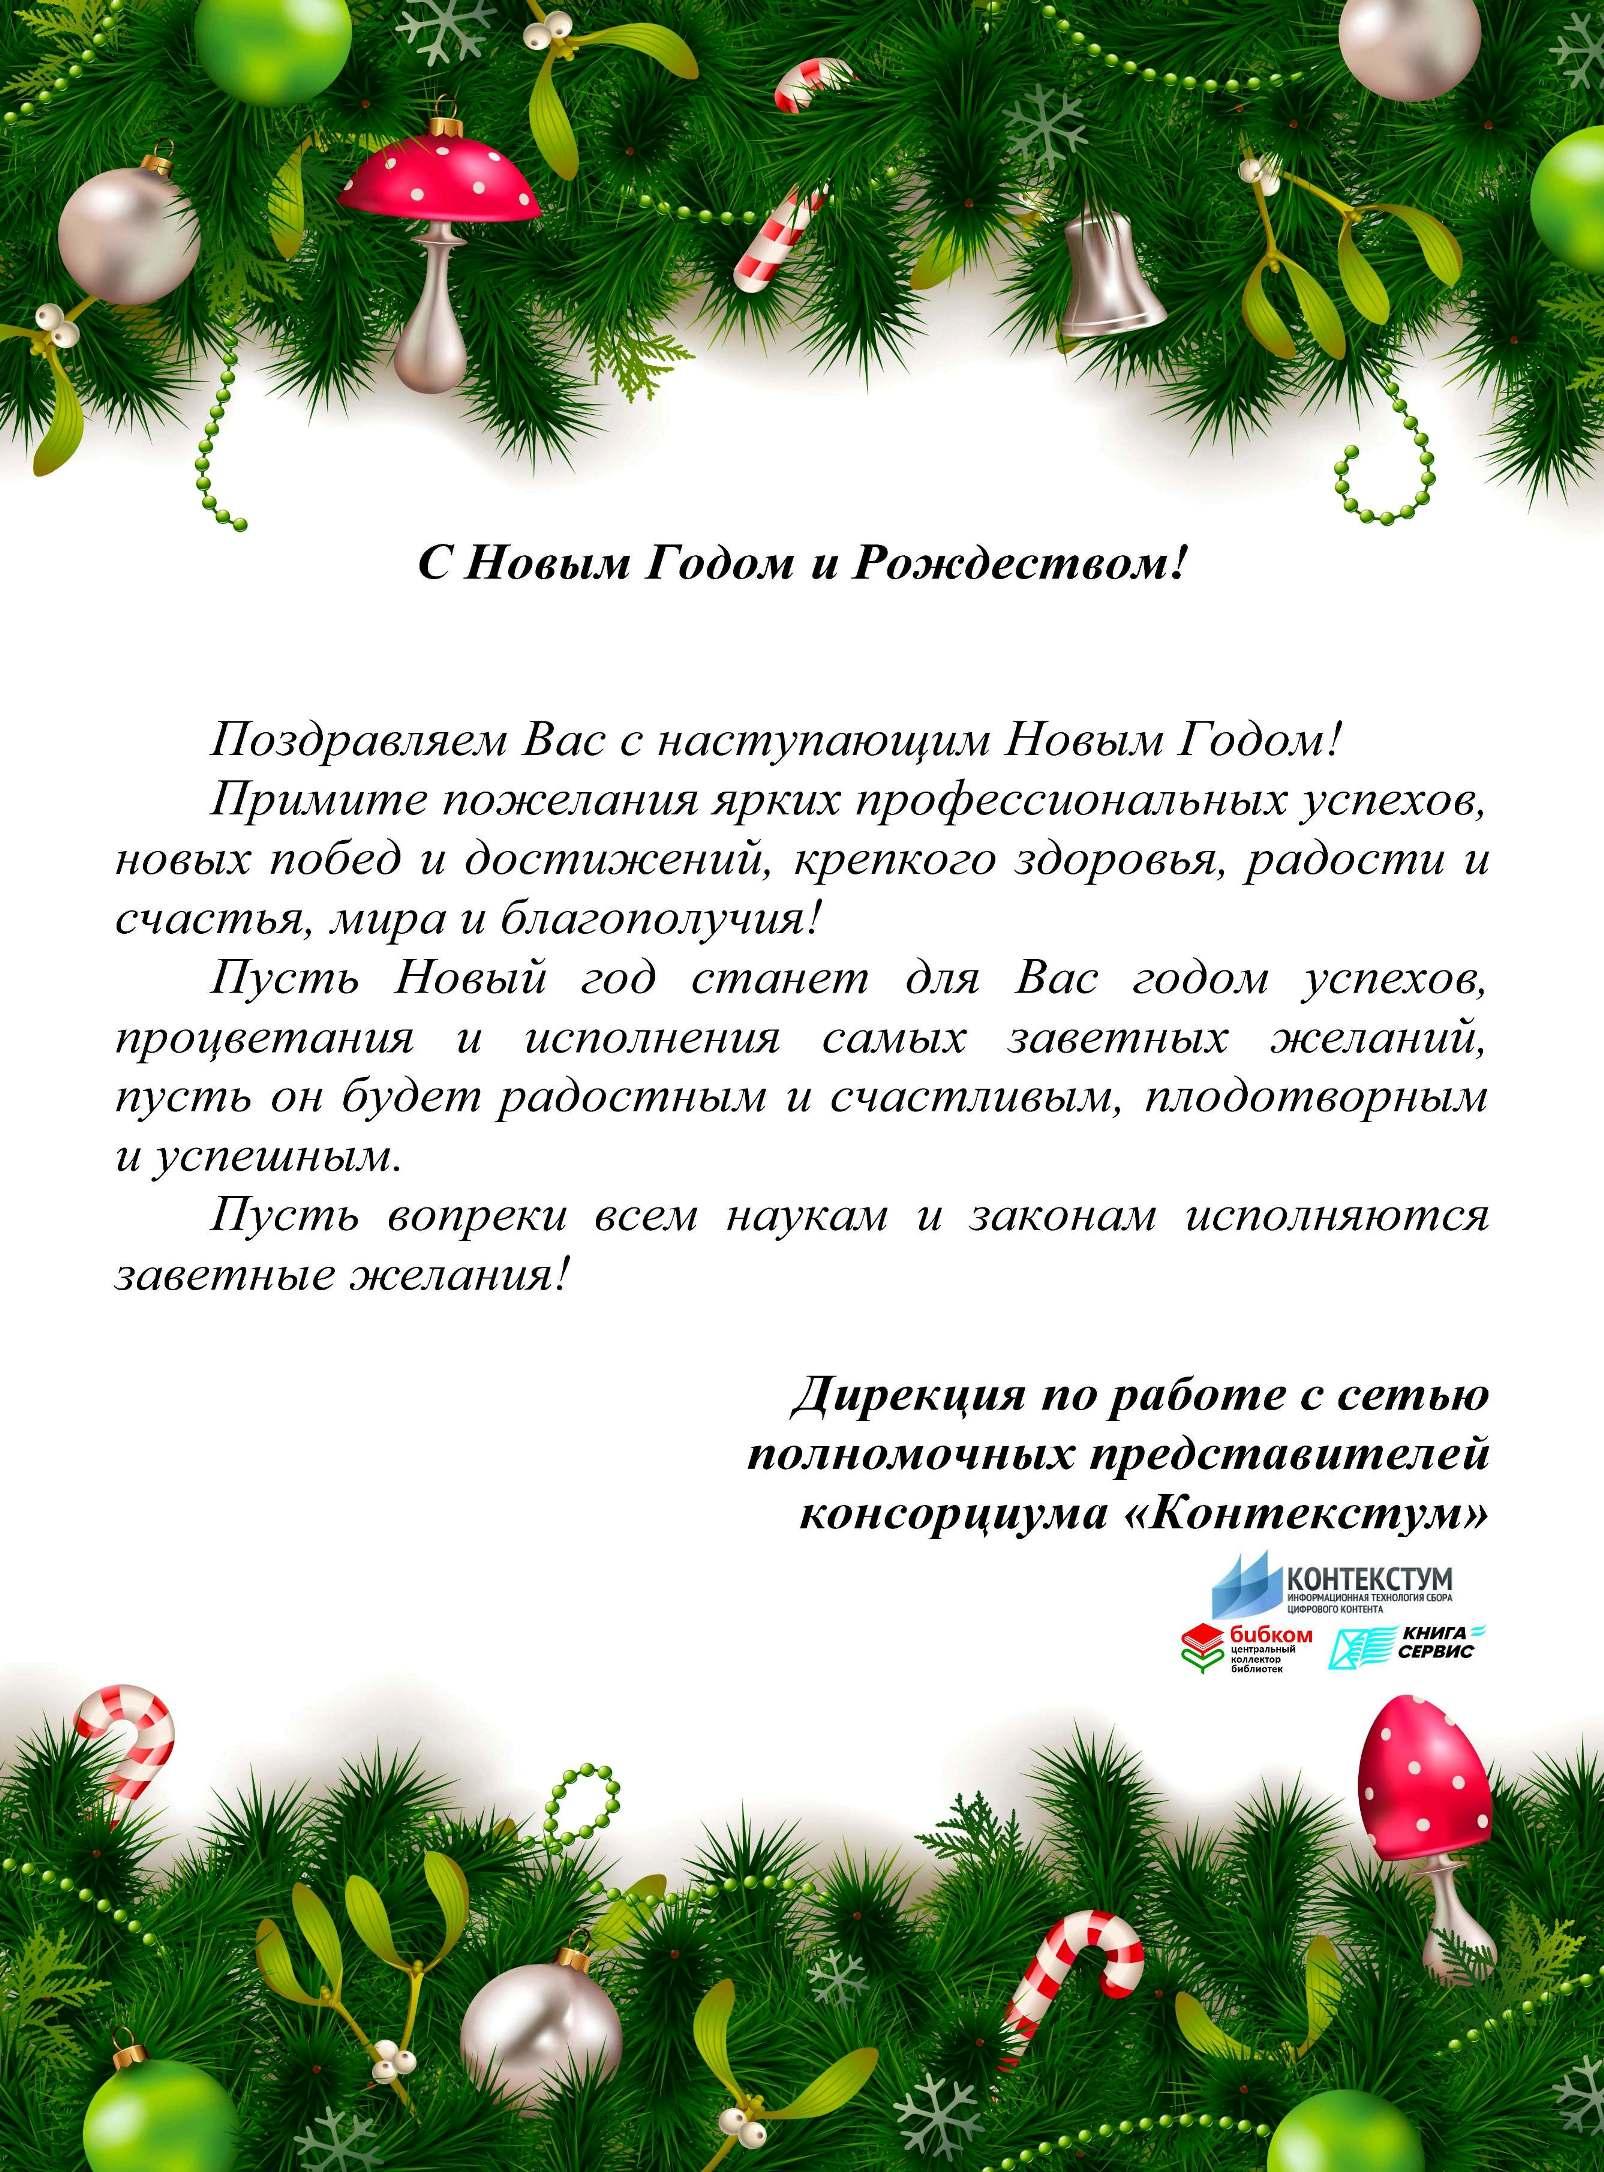 Новогоднее поздравление в прозе от директора